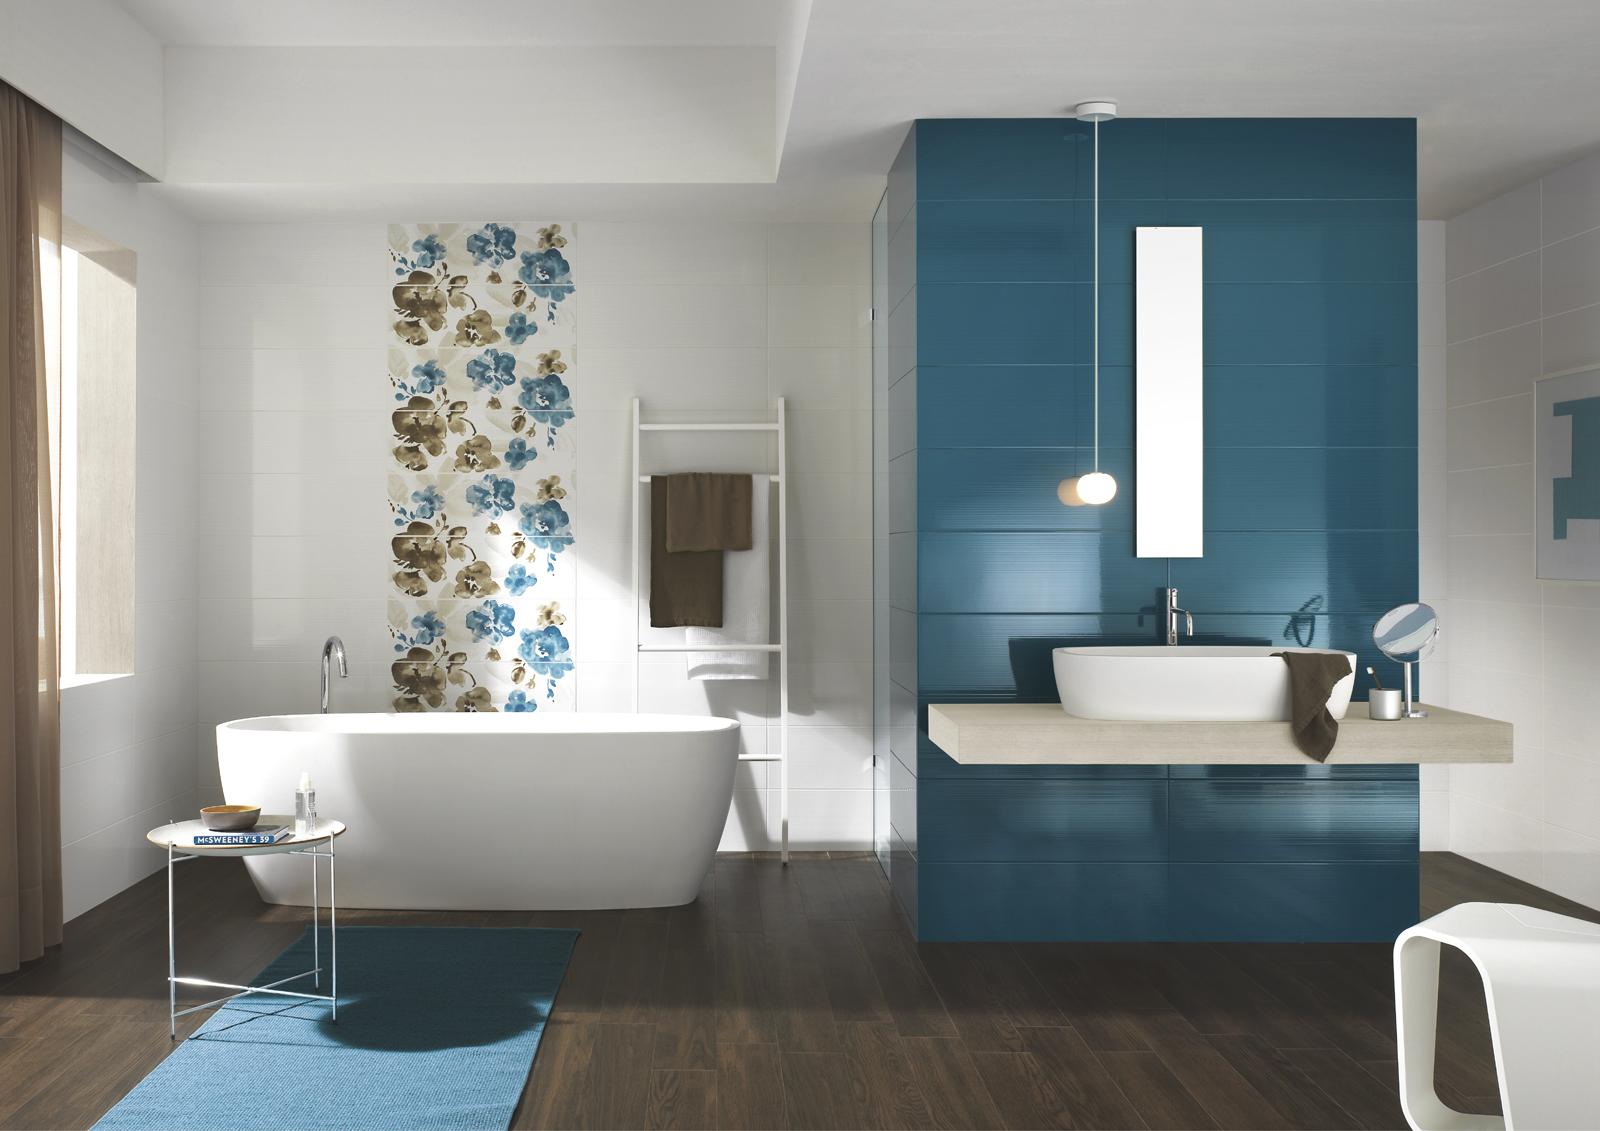 Collezione smart piastrelle colorate per bagno ragno - Bagni piastrelle moderne ...